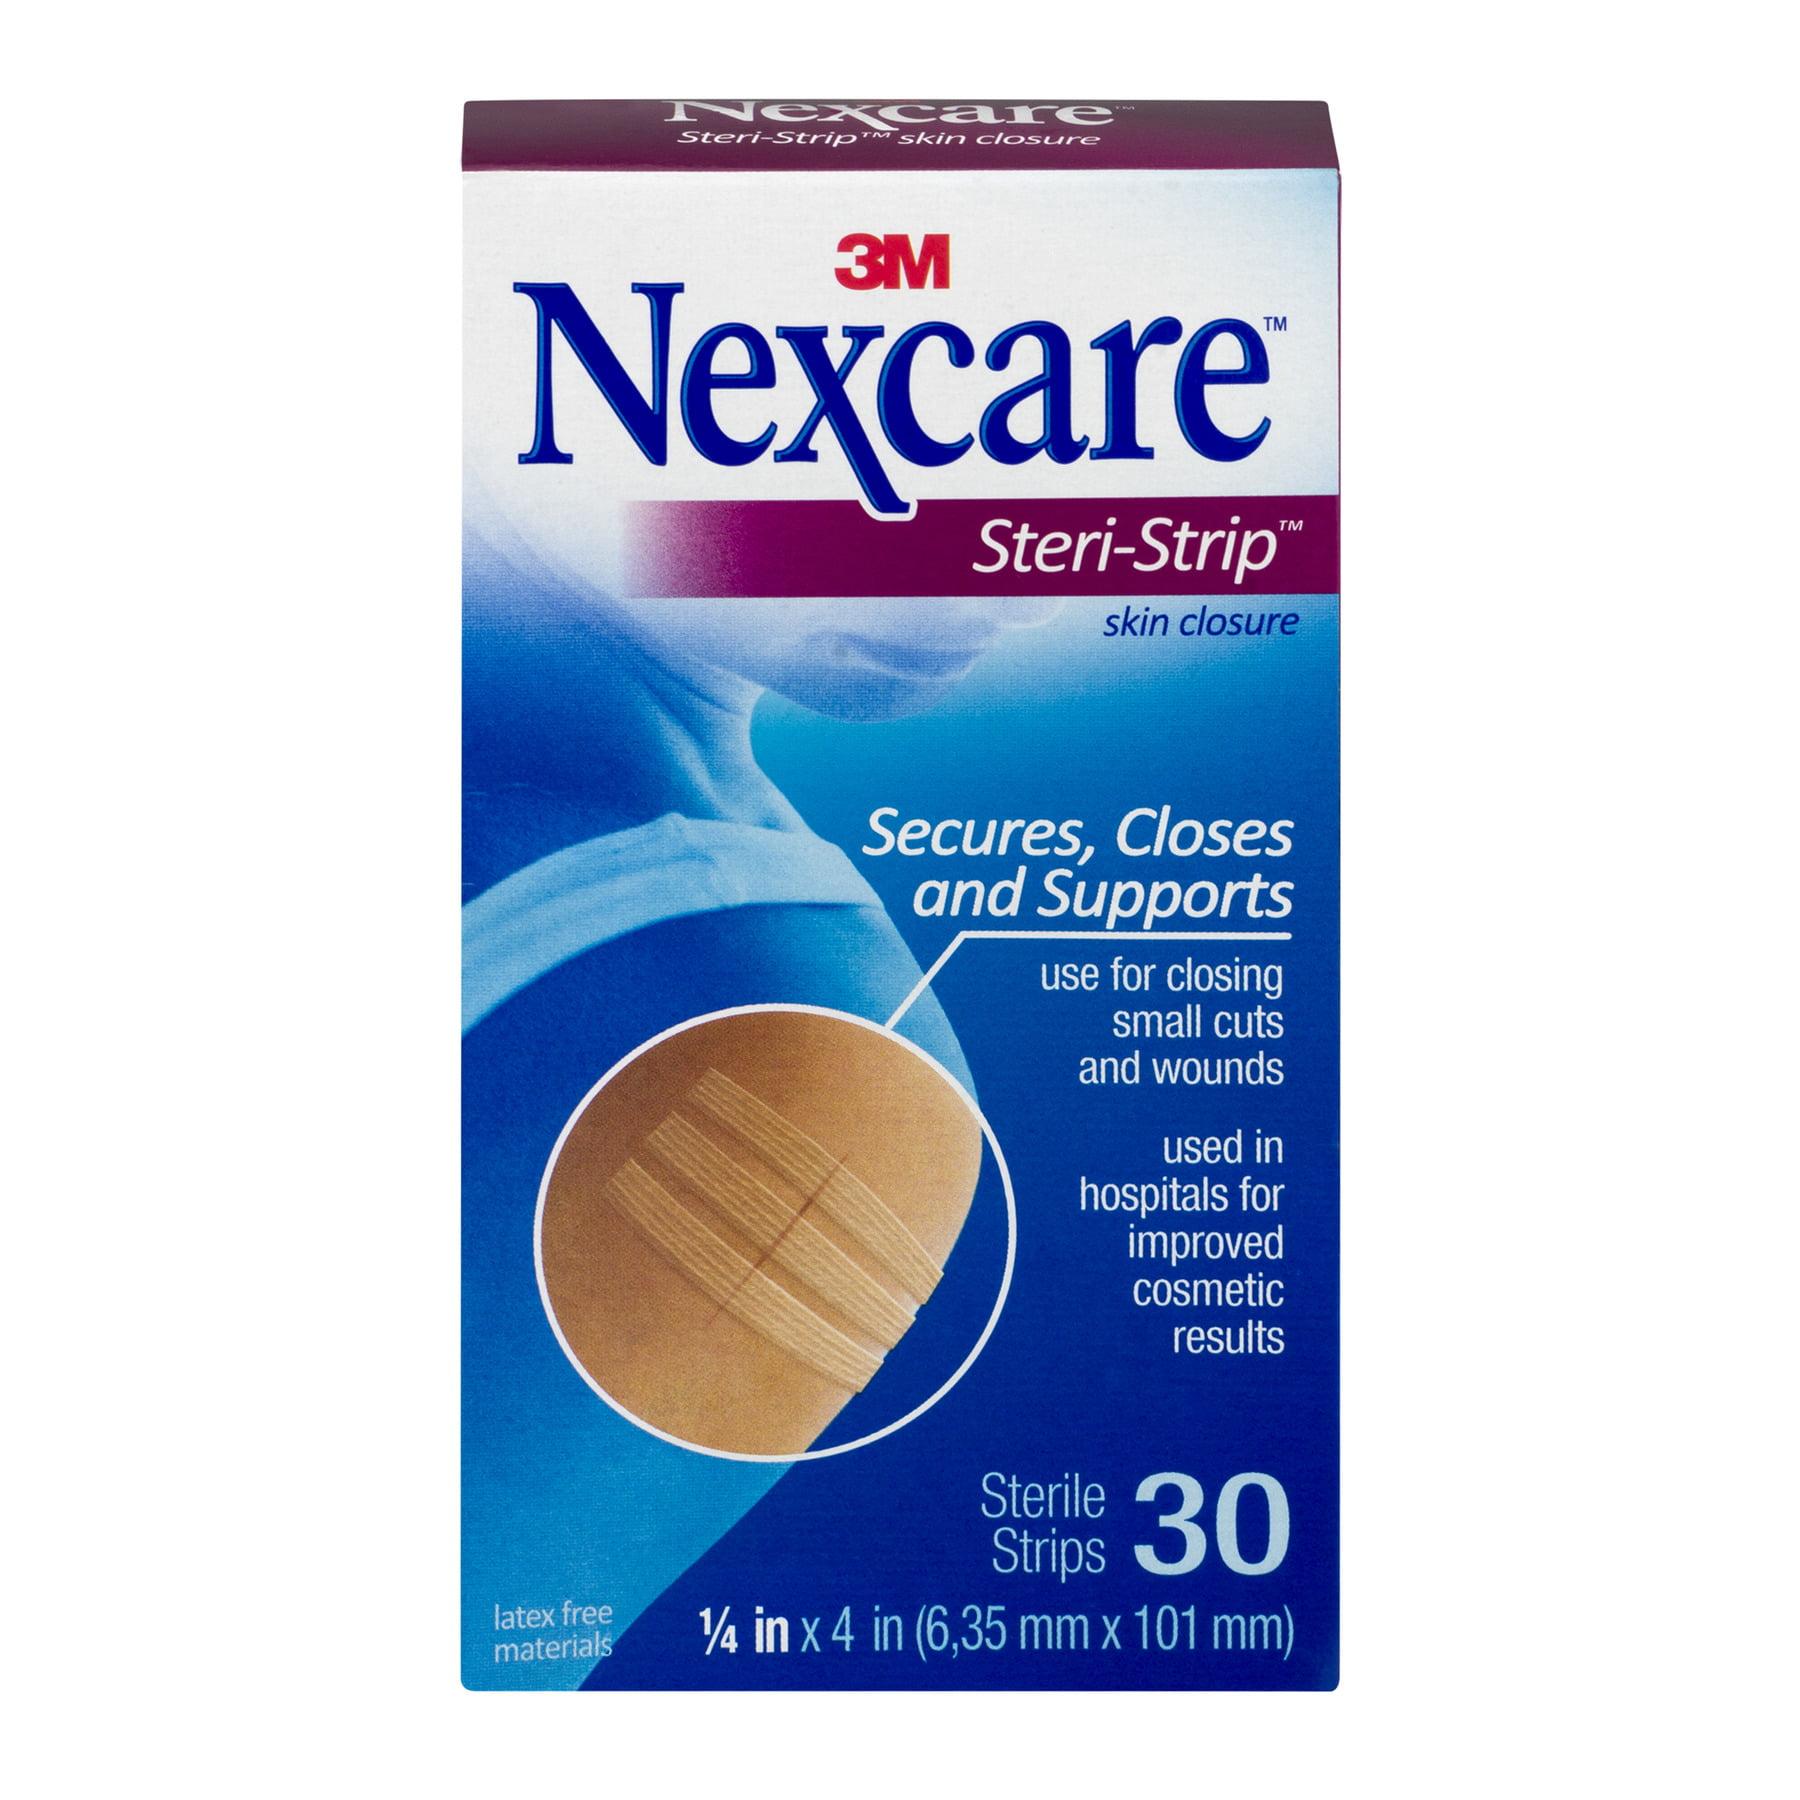 Nexcare Steri-Strip Skin Closure, 1/4 in x 4 in, White, 30 ct.